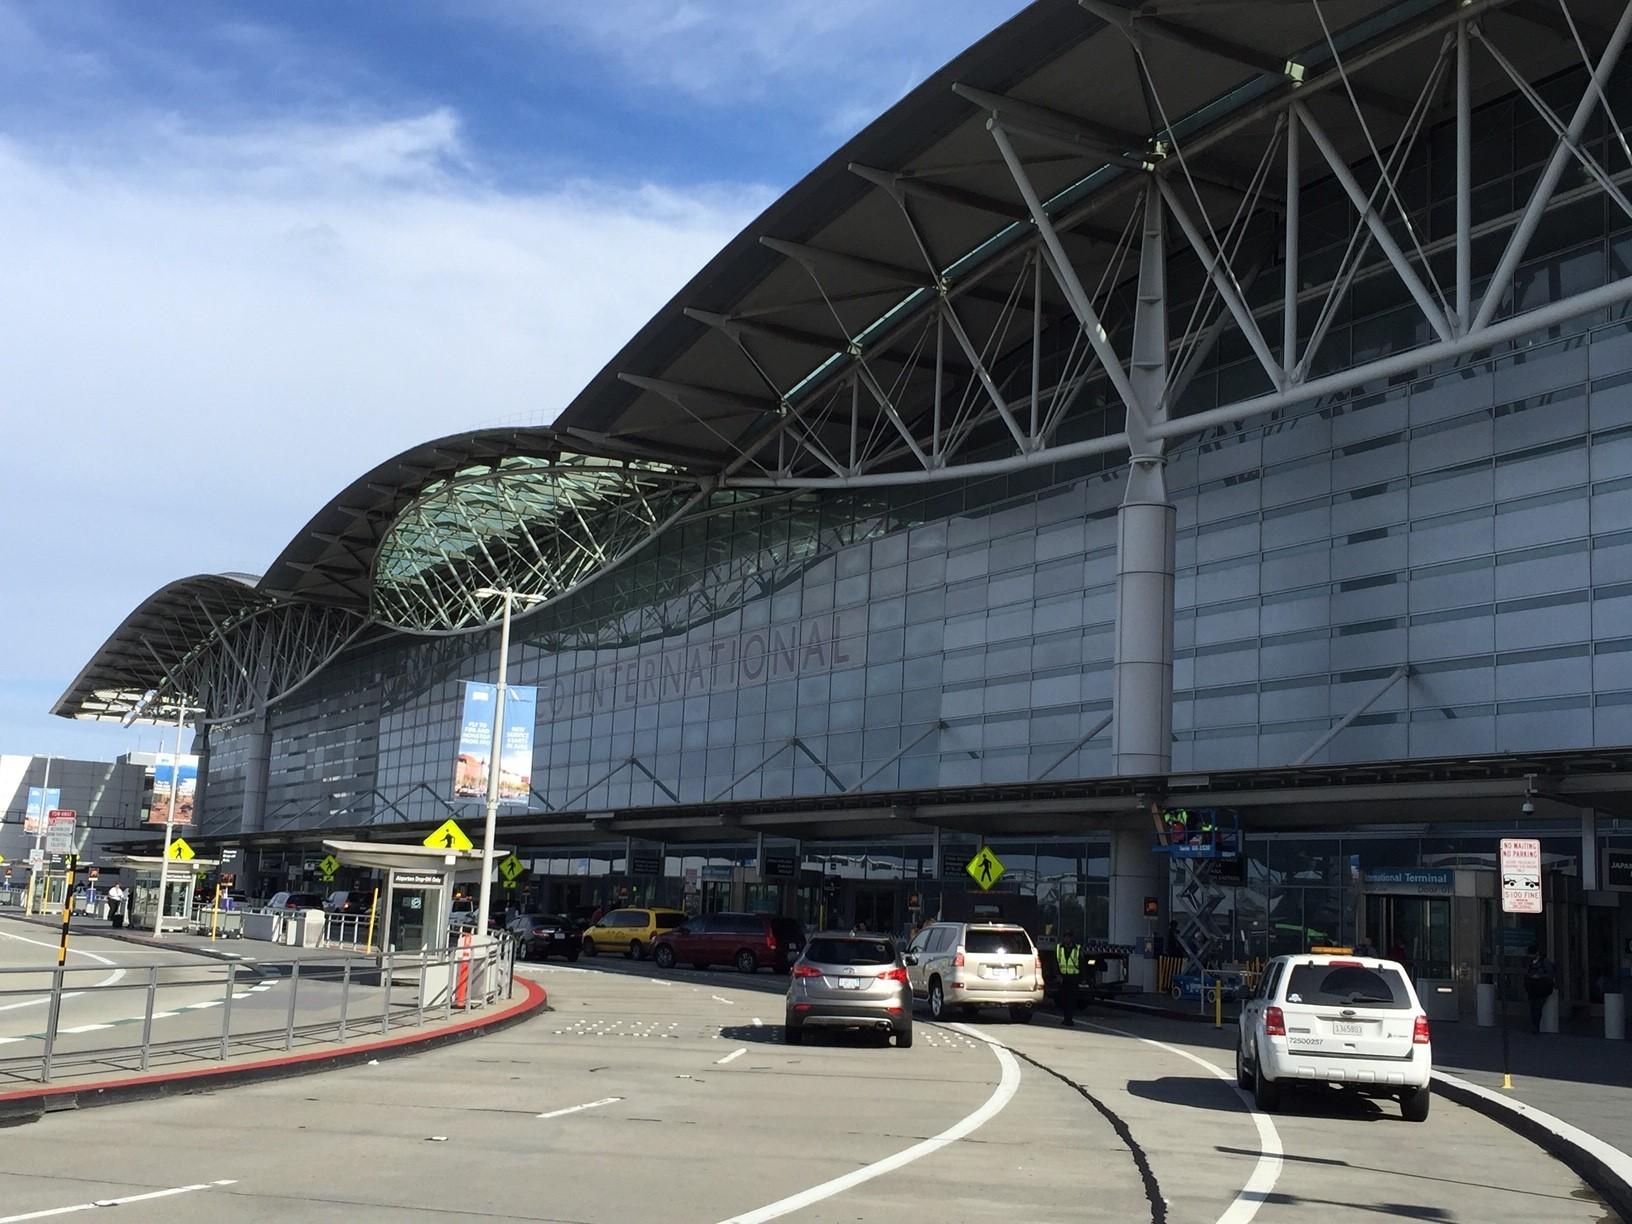 ナパ・ソノマ地区発 サンフンシスコ空港行き ・ 専用車送迎サービス